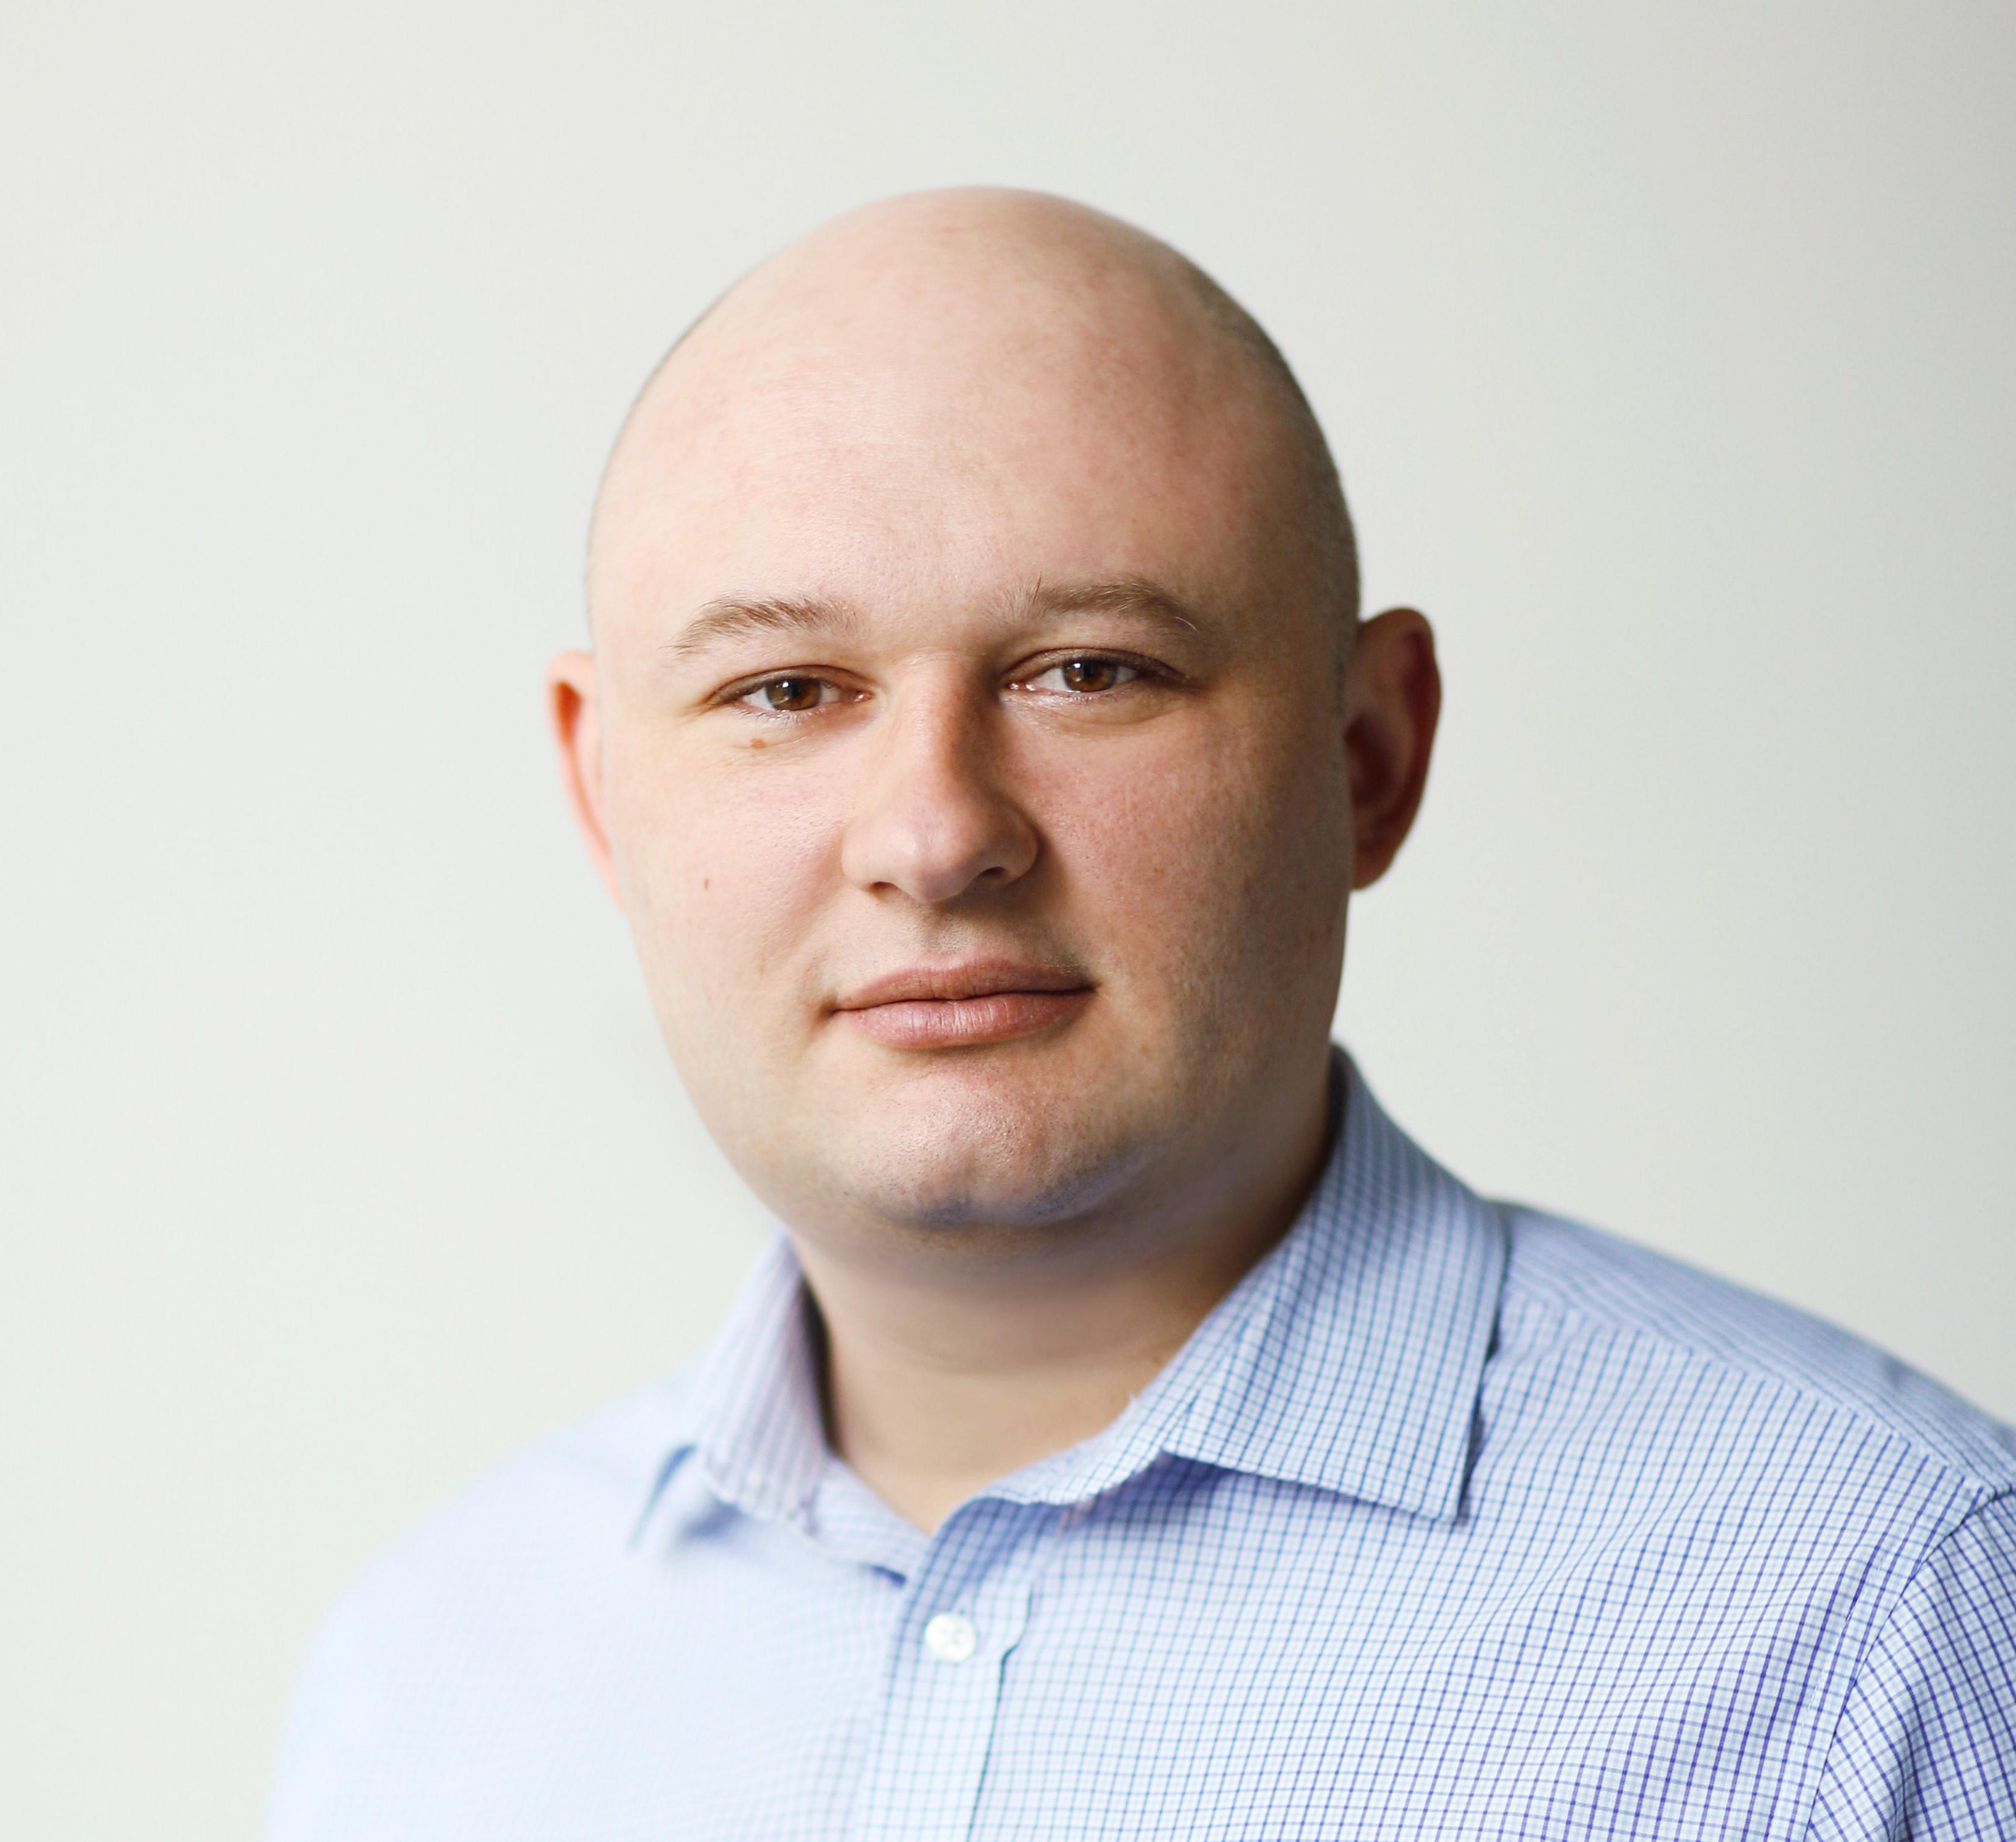 Купцов Денис Валерьевич